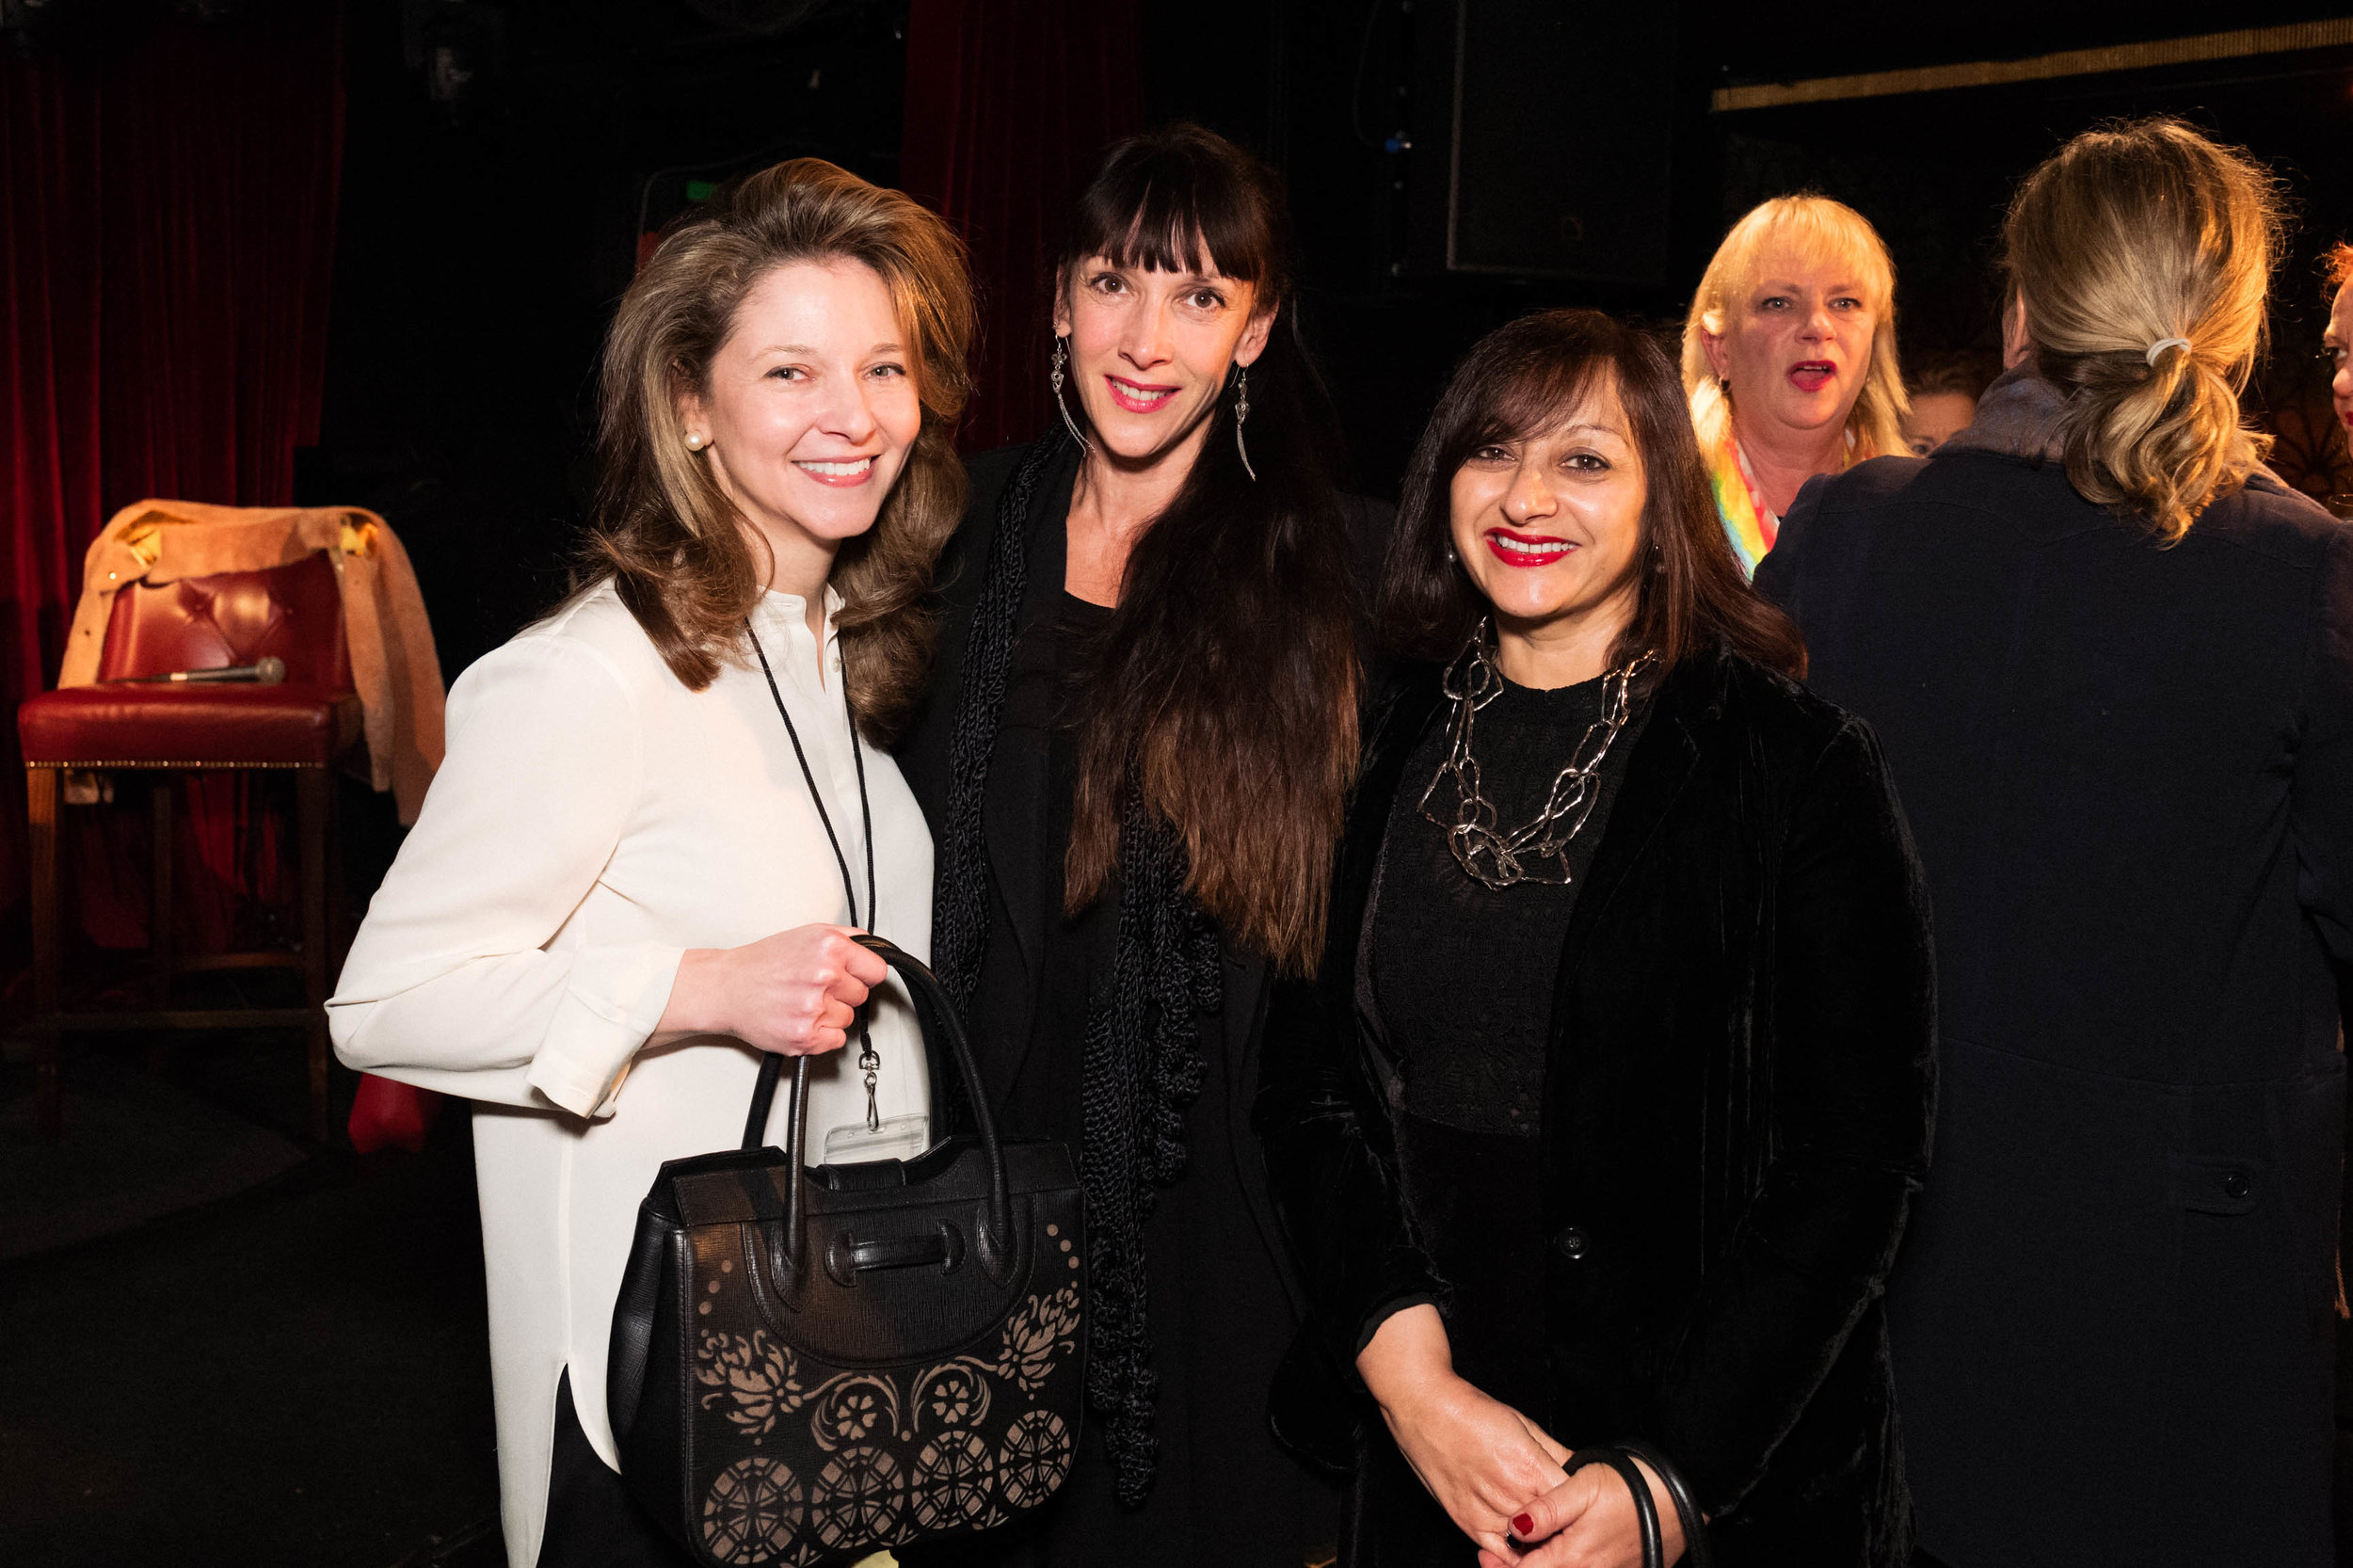 Kate Gordon, Tamara Salman and Selma Day